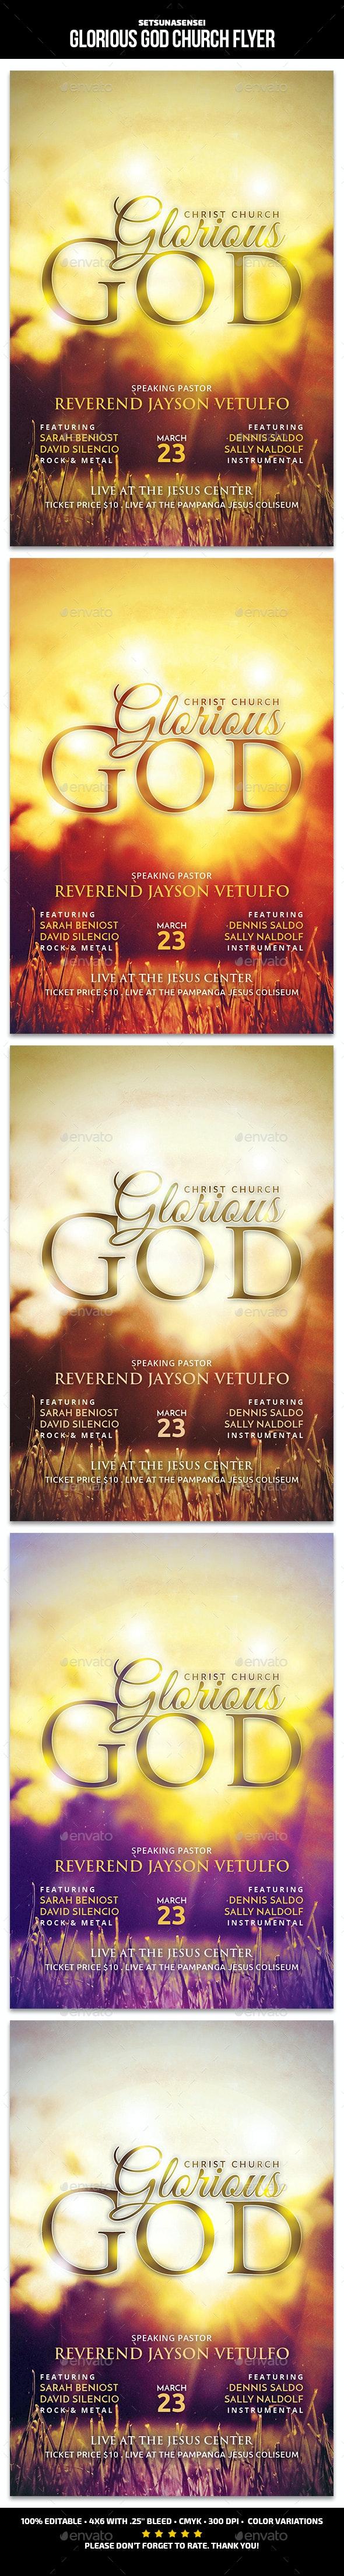 Glorious God Church Flyer - Church Flyers